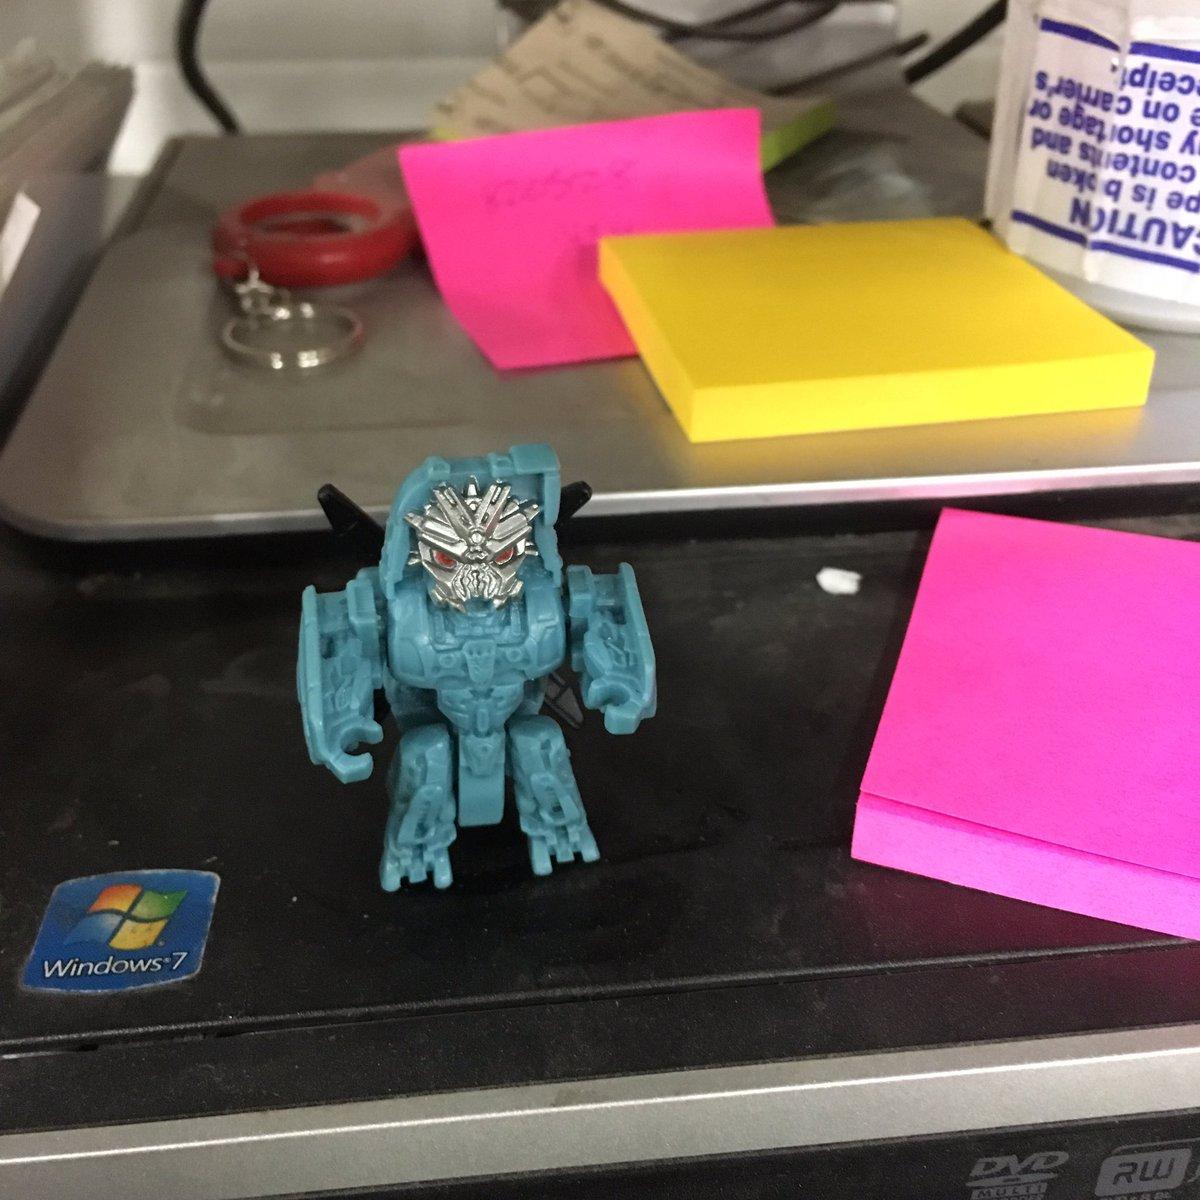 #Deskbot challenge day 11